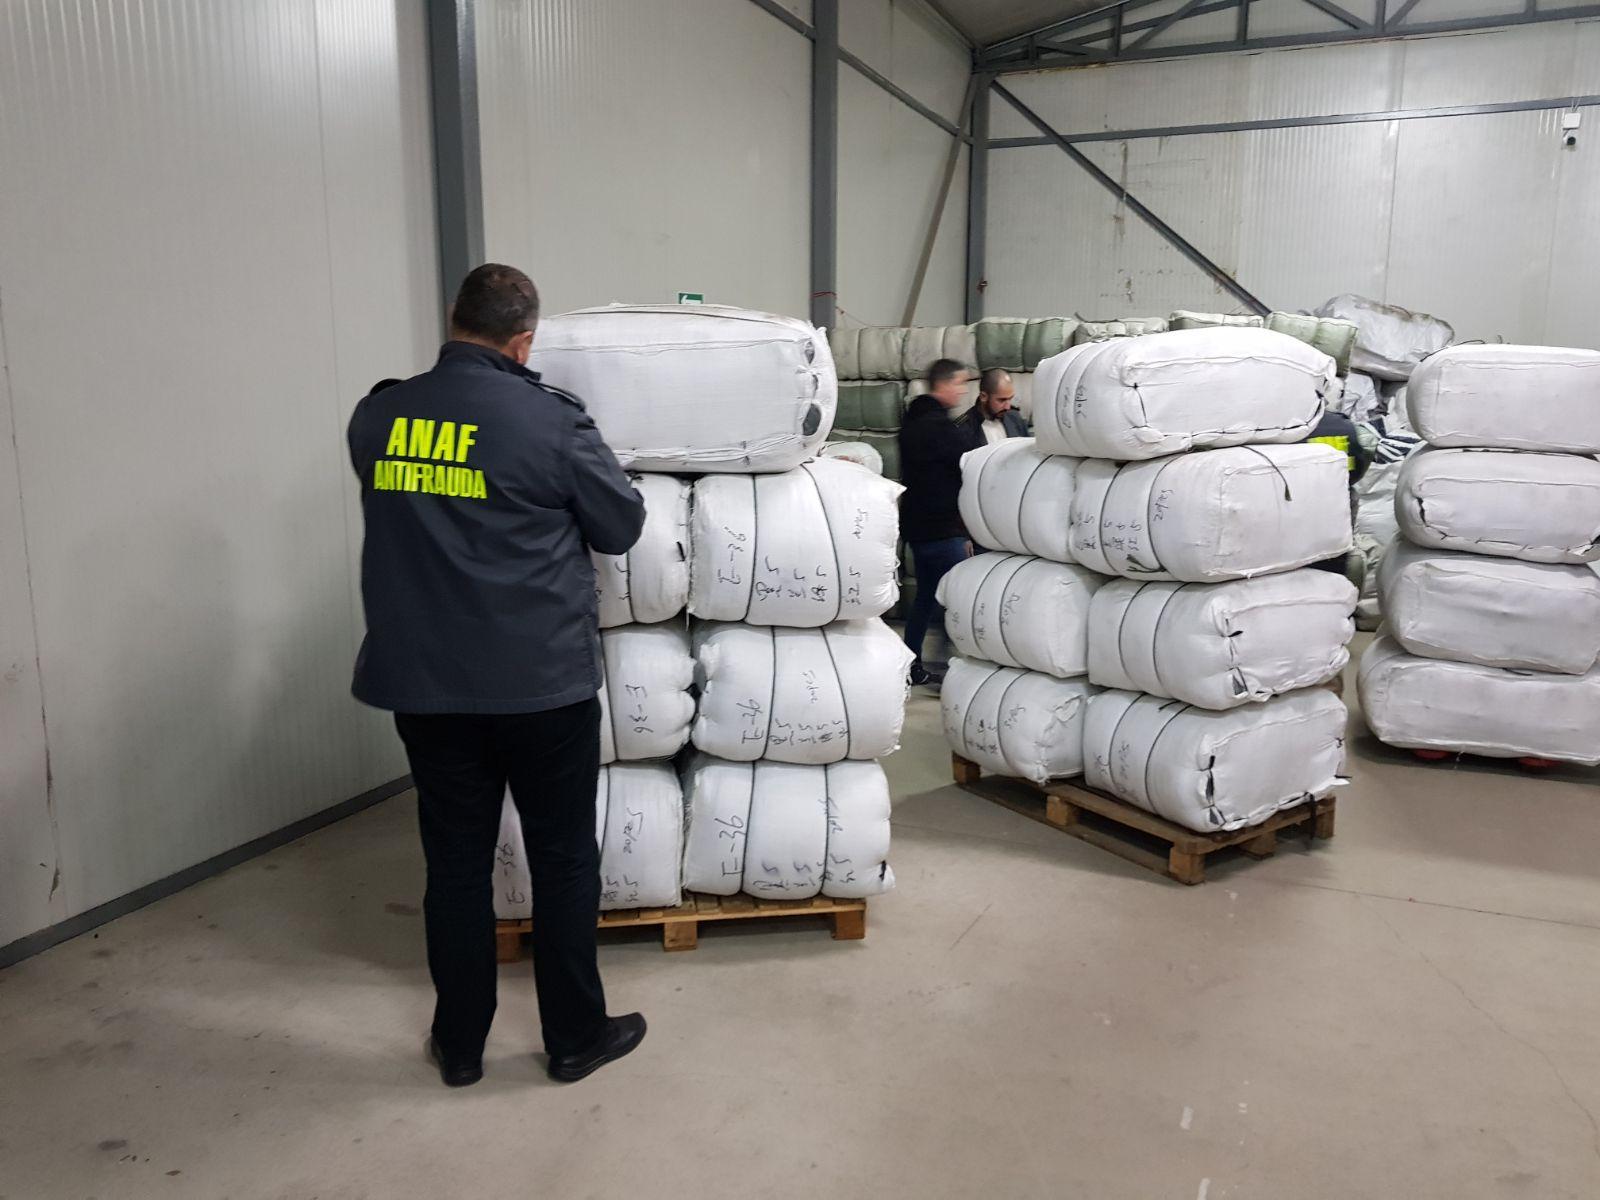 Fabrică de haine contrafăcute, depistată în Sectorul 2. Articolele, comercializate în mai multe centre comerciale din Bucureşti, dar şi online/ Peste 3.000 de articole de îmbrăcăminte contrafăcute, confiscate. Prejudiciul se ridică la 500.000 euro